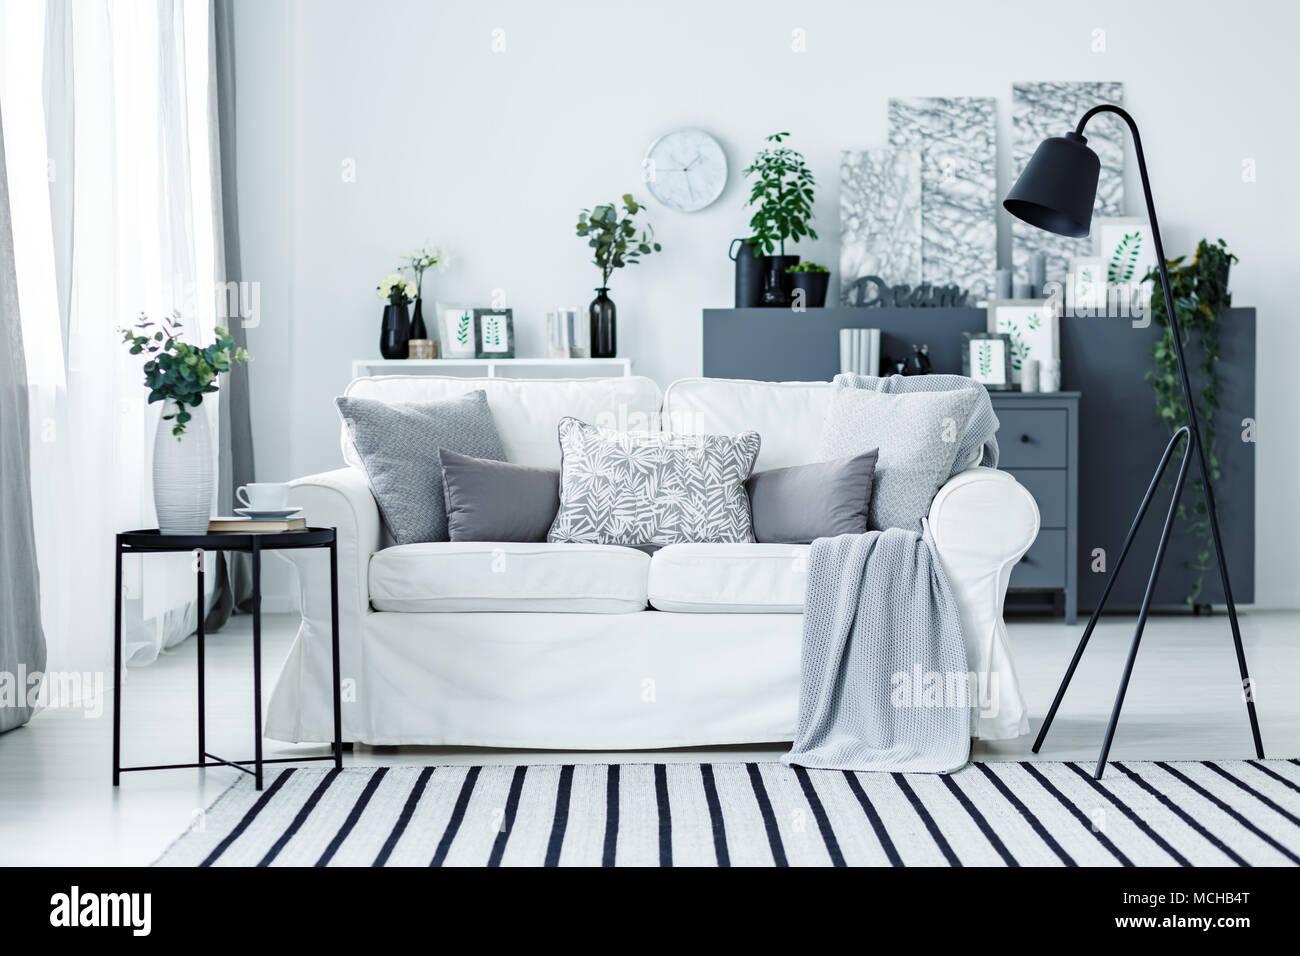 Grau Wei Sofa mit Kissen und Decke im hellen Wohnzimmer Interieur mit Metall Lampe Frische